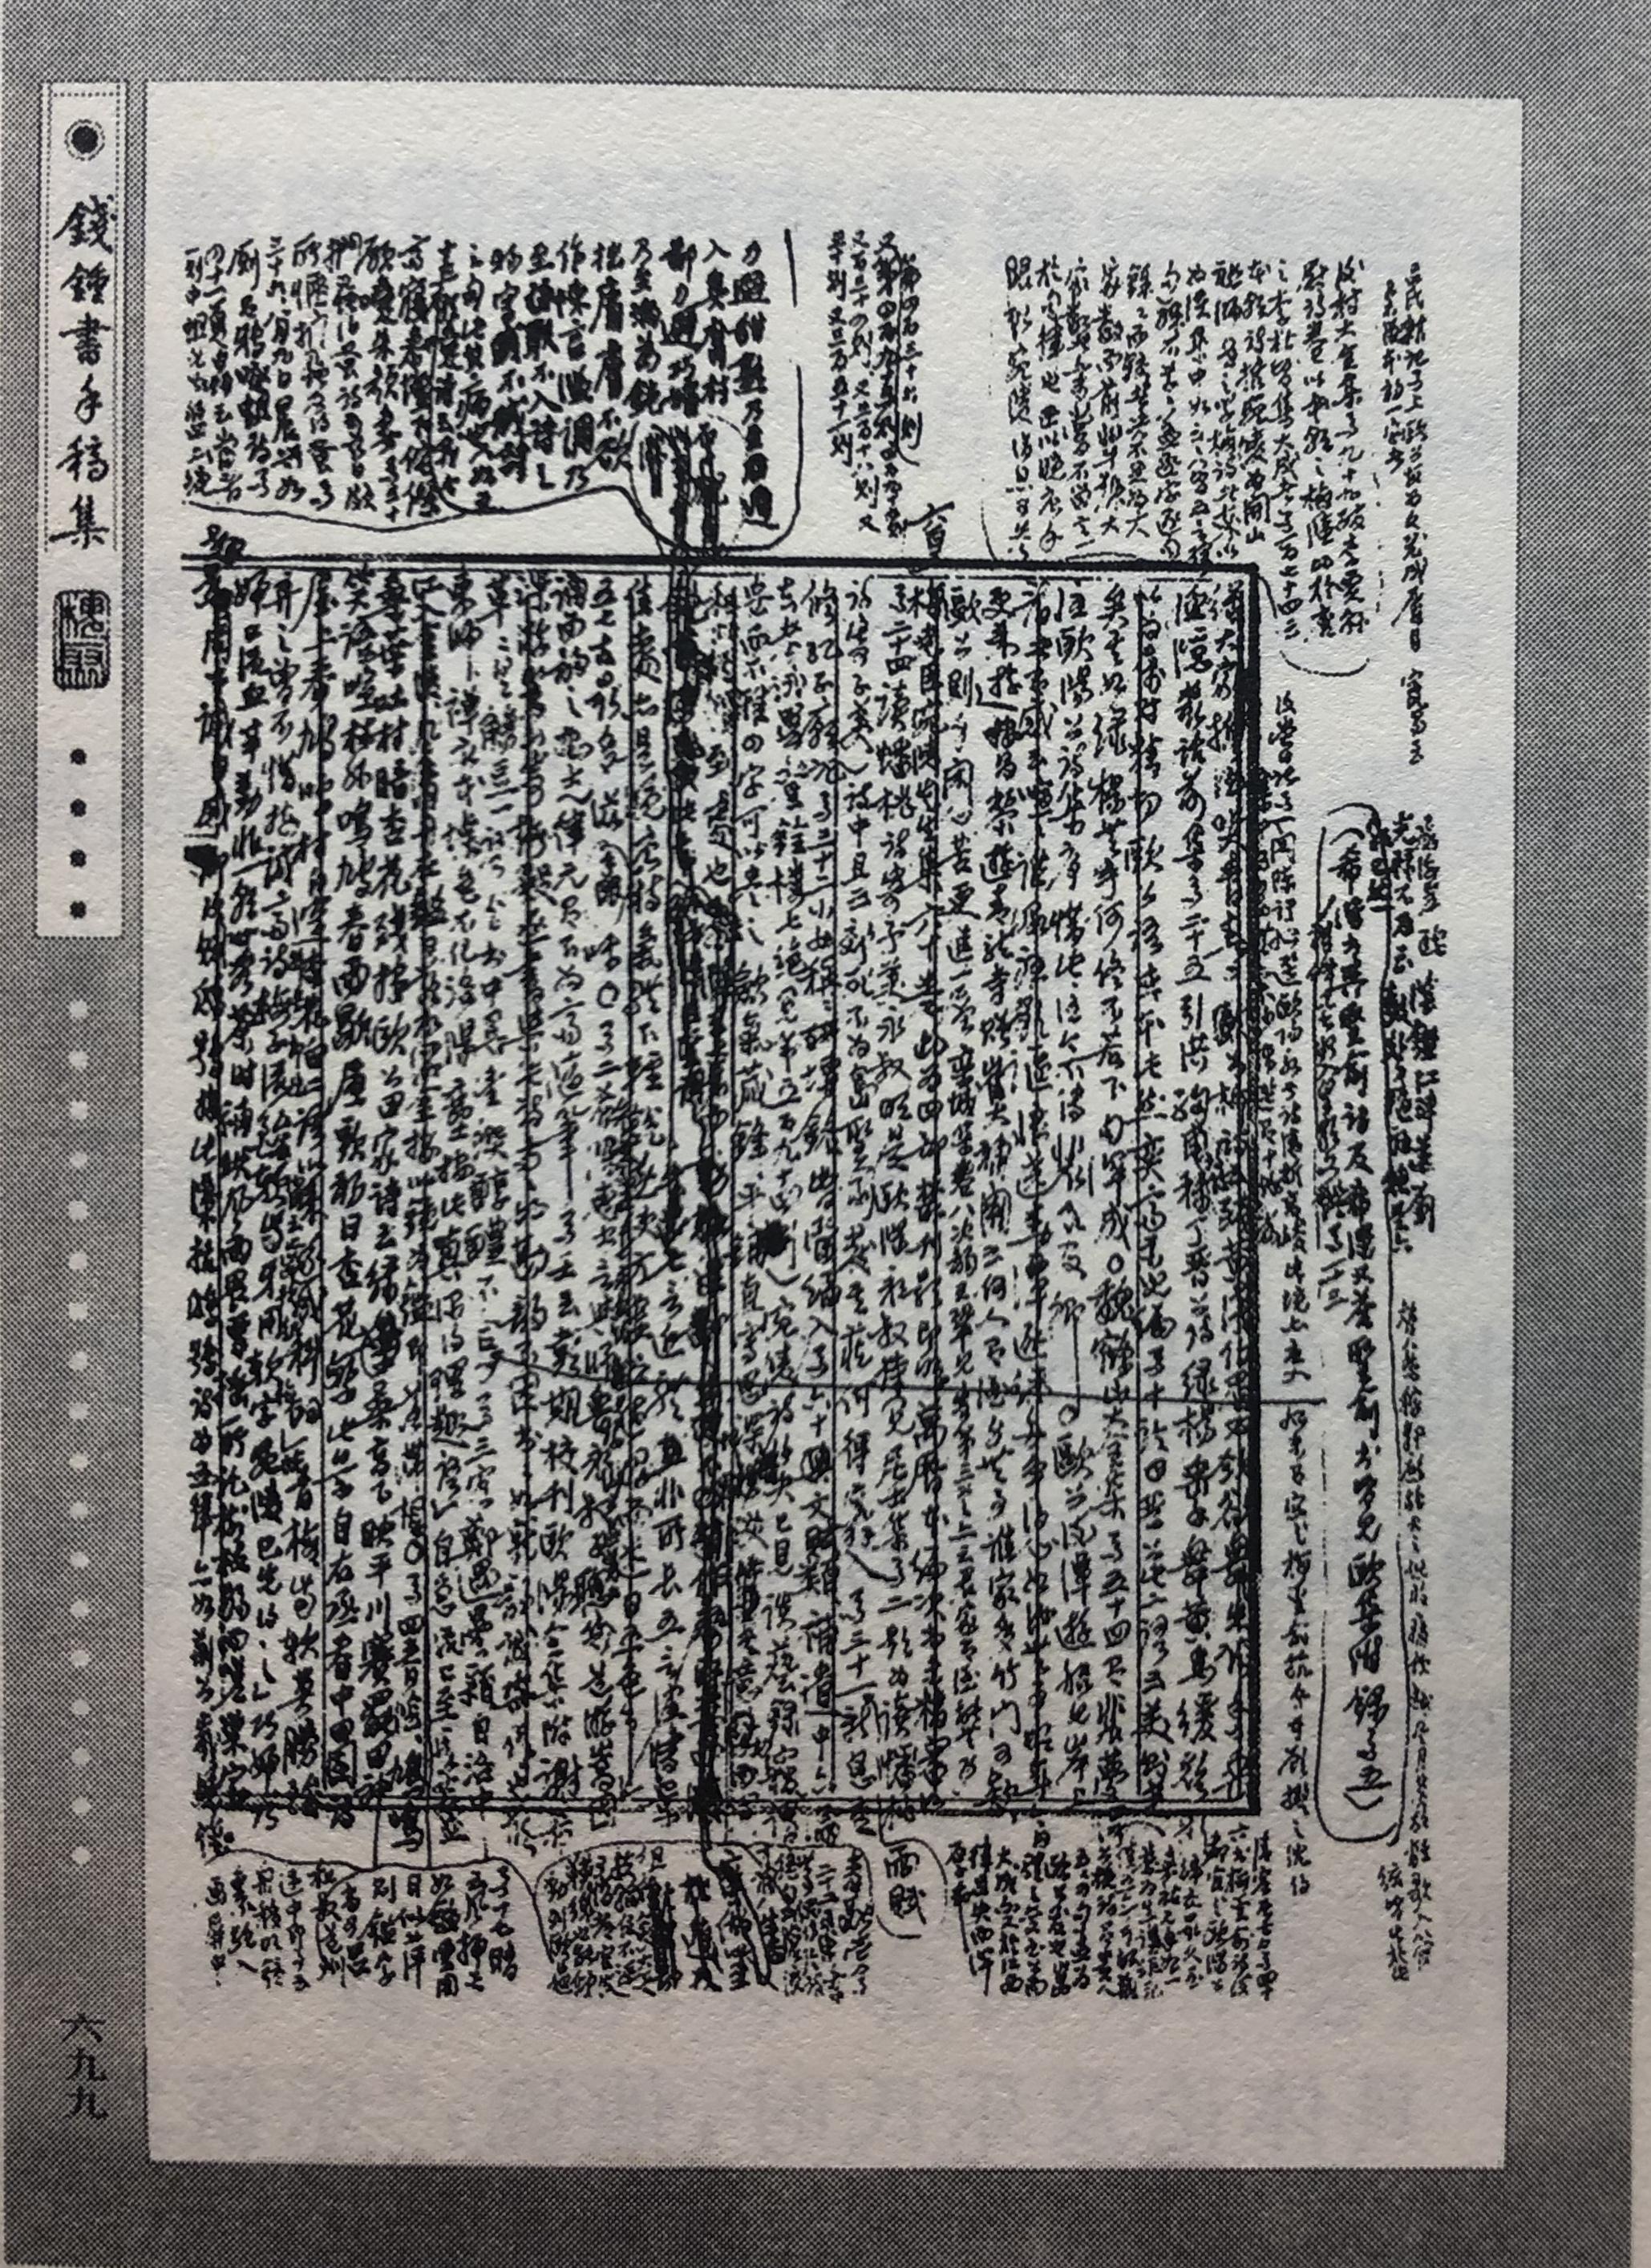 《钱锺书足稿散·容安馆札忘》中的一页